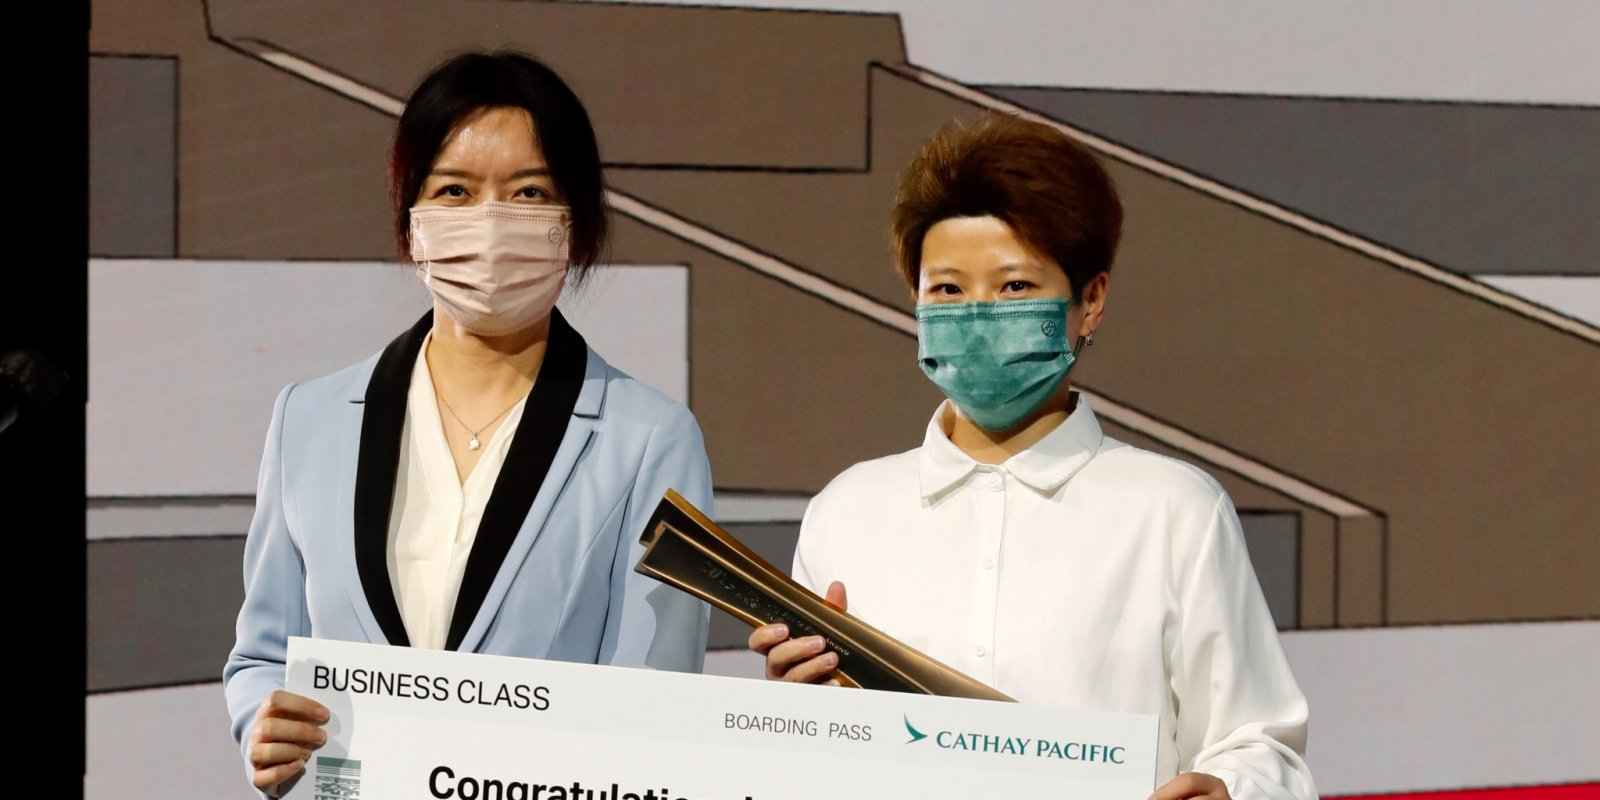 盧新寧出席2019年度香港傑出運動員選舉頒獎典禮